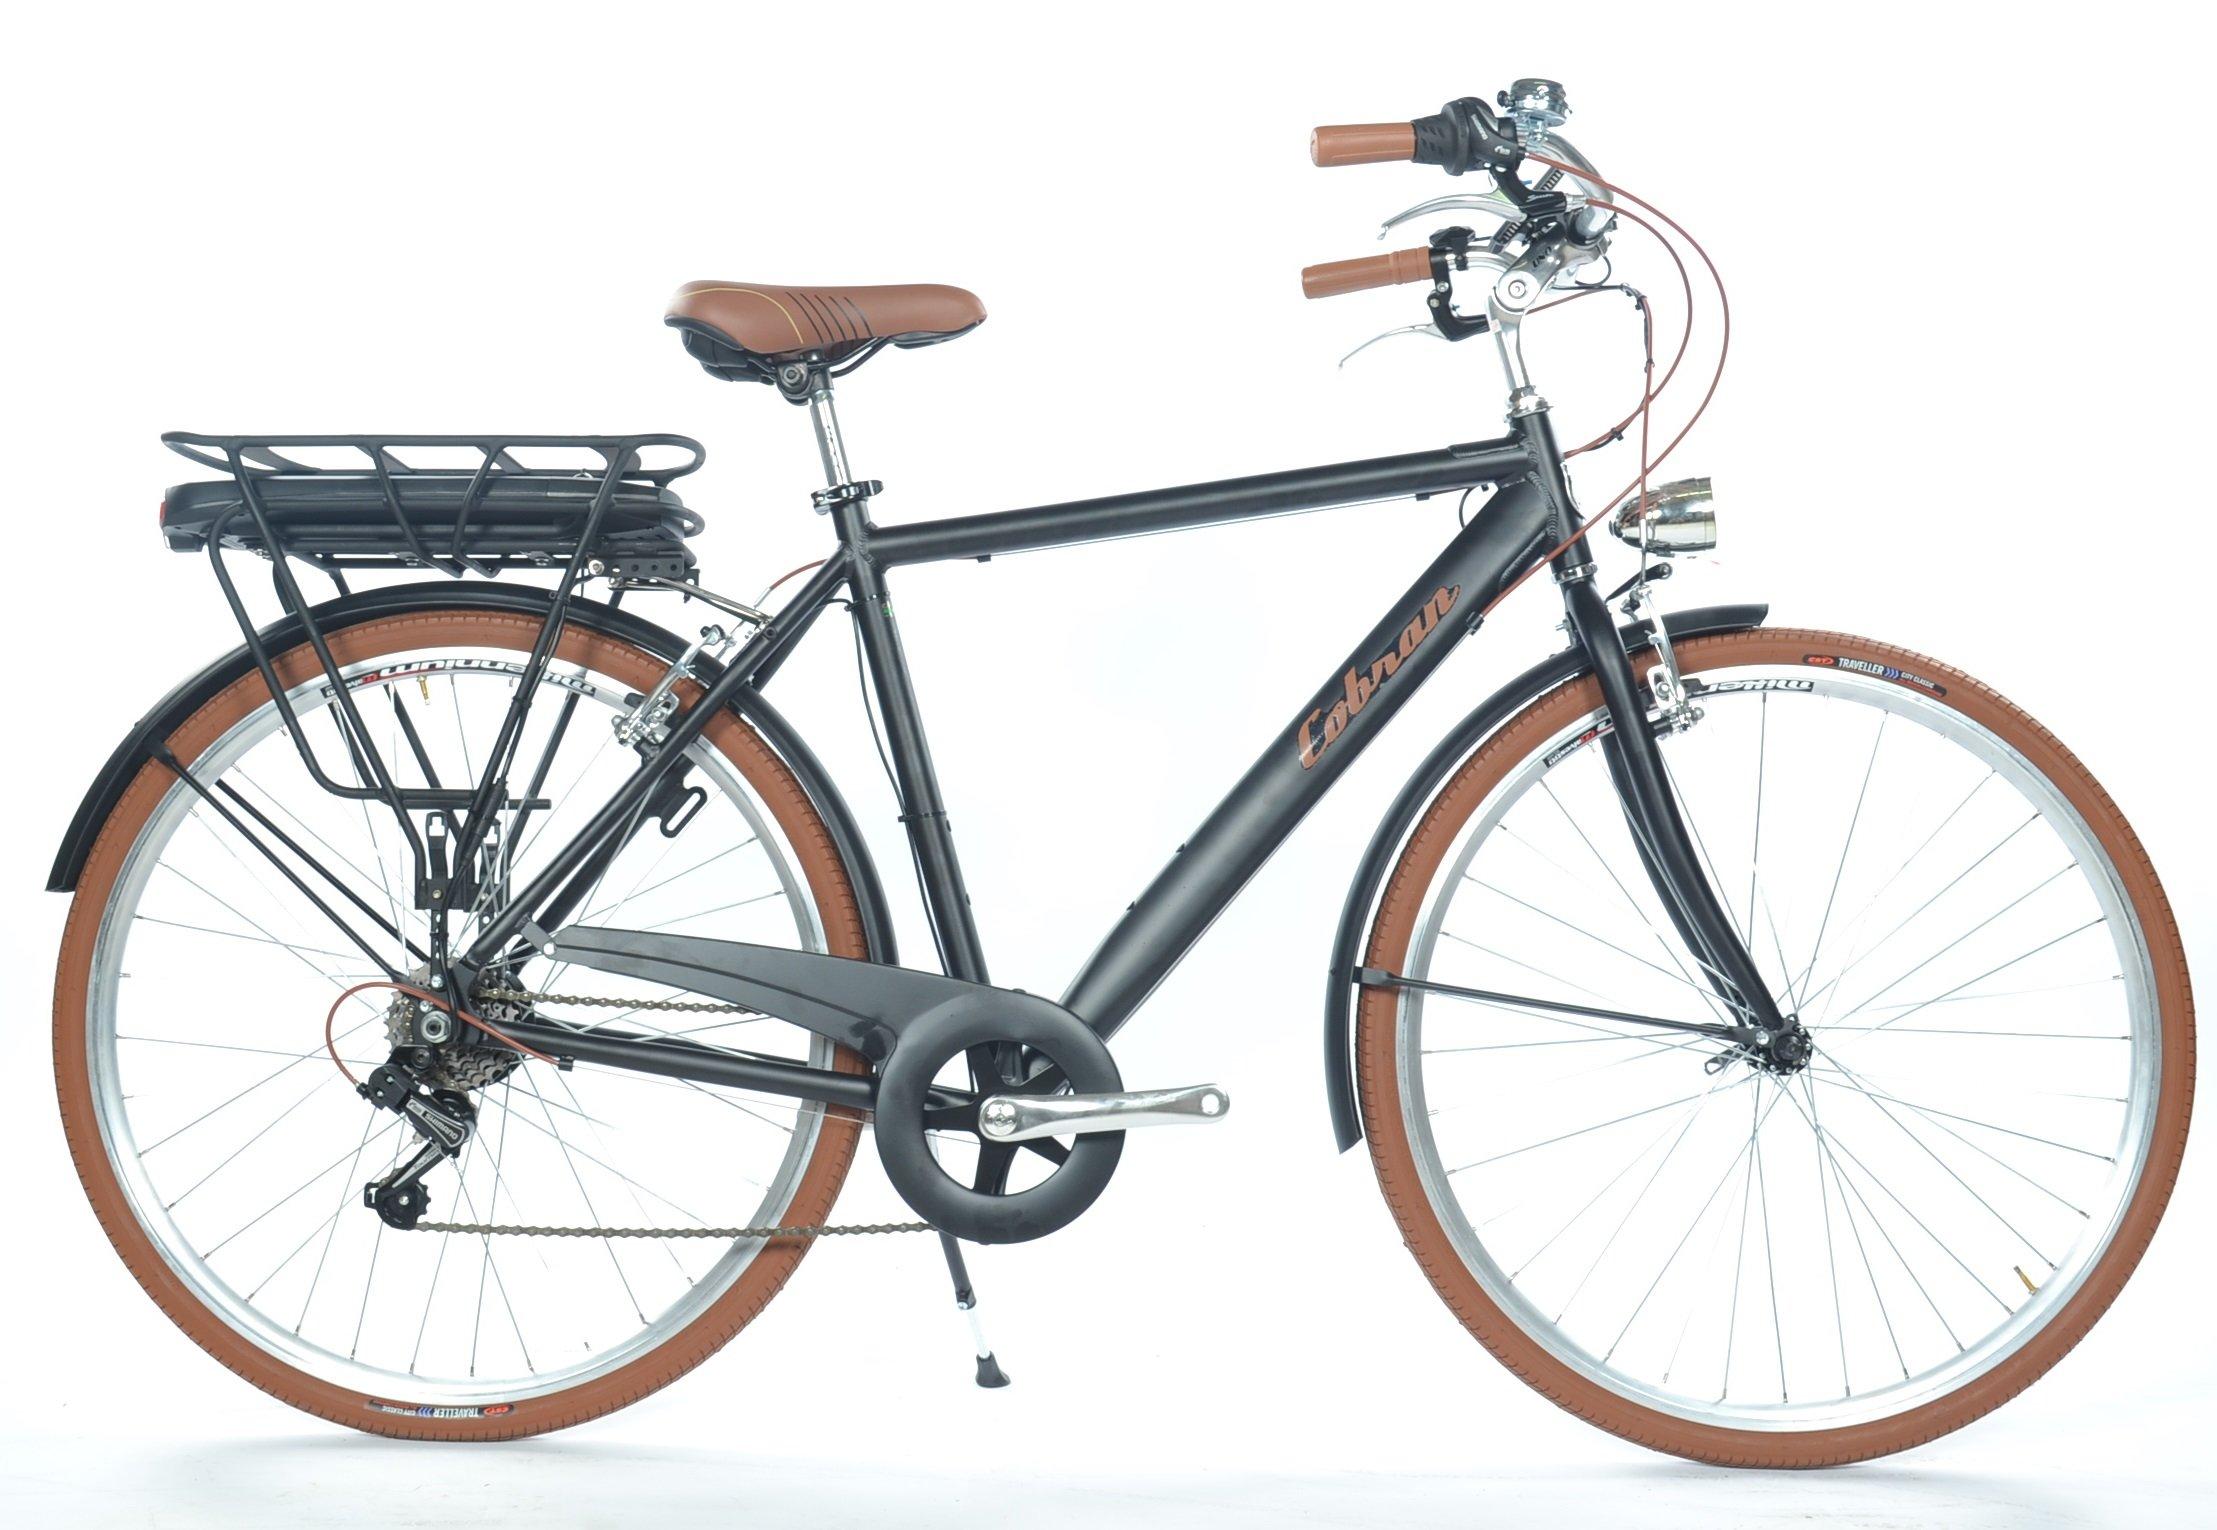 Bicicletta elettrica cobran retr uomo 2 0 cobran for Offerte bici elettriche usate